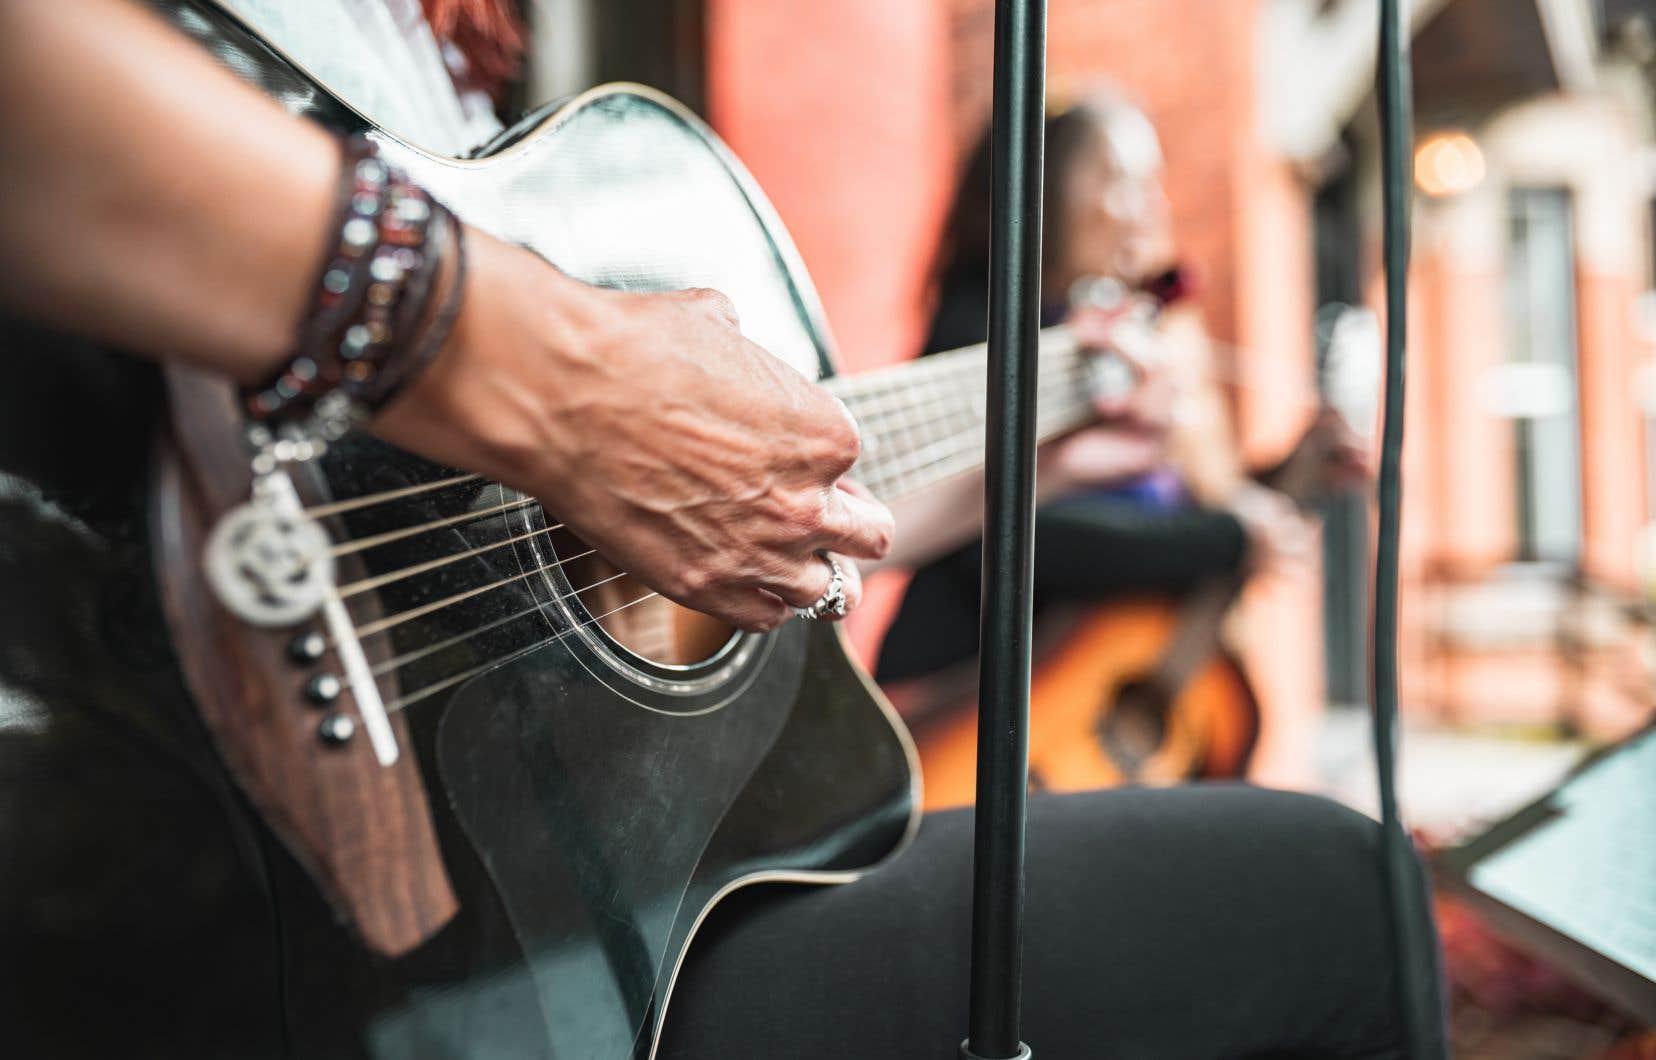 «Peut-être avez-vous eu la chance de voir et d'entendre des musiciens, des comédiens ou des danseurs dans votre ruelle depuis le mois de juin», écrit l'auteur.